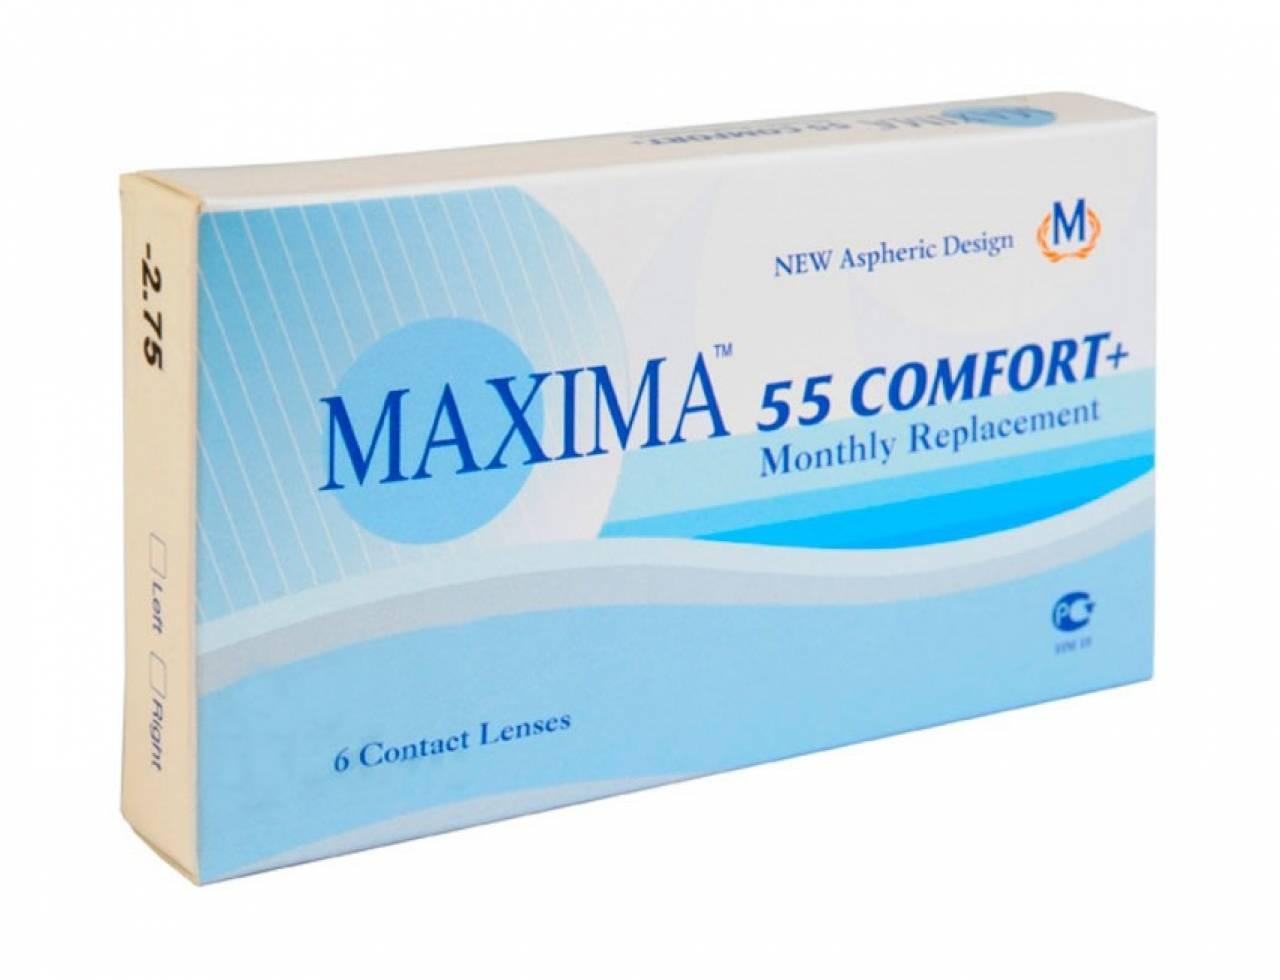 Месячные контактные линзы Maxima 55 Comfort+